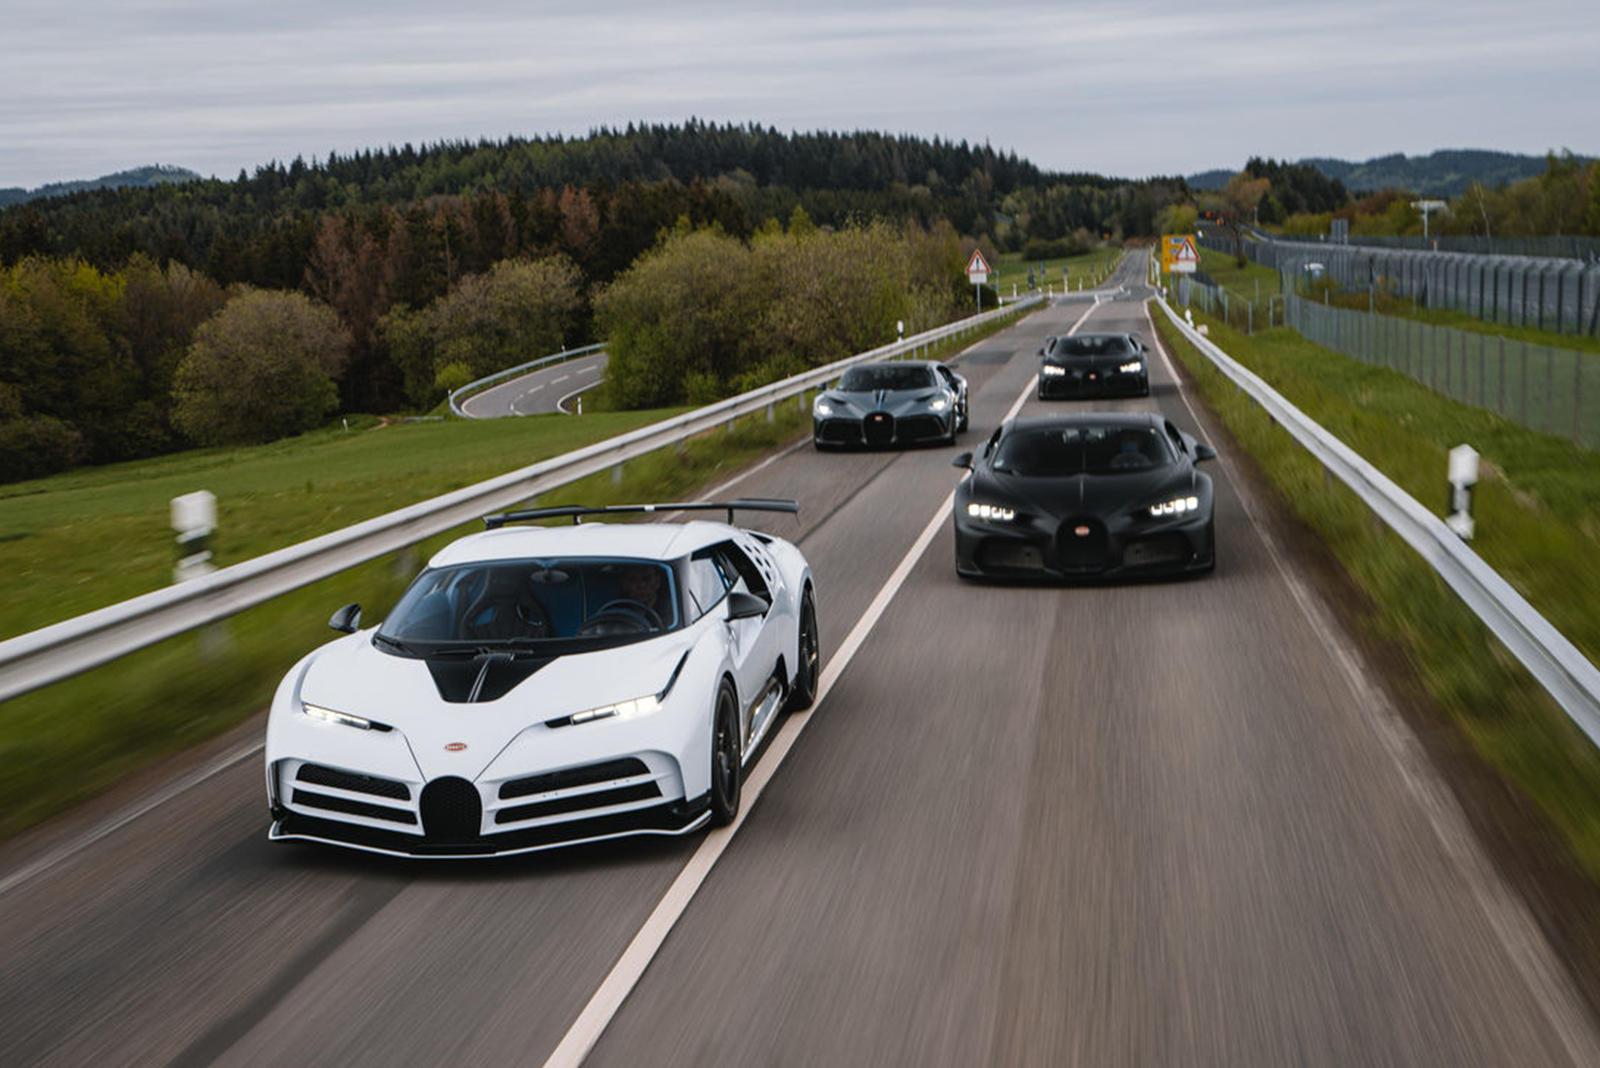 Bugatti-mang-dàn-hypercar-hơn-2-triệu-đô-đến-Nurburgring (8).jpg